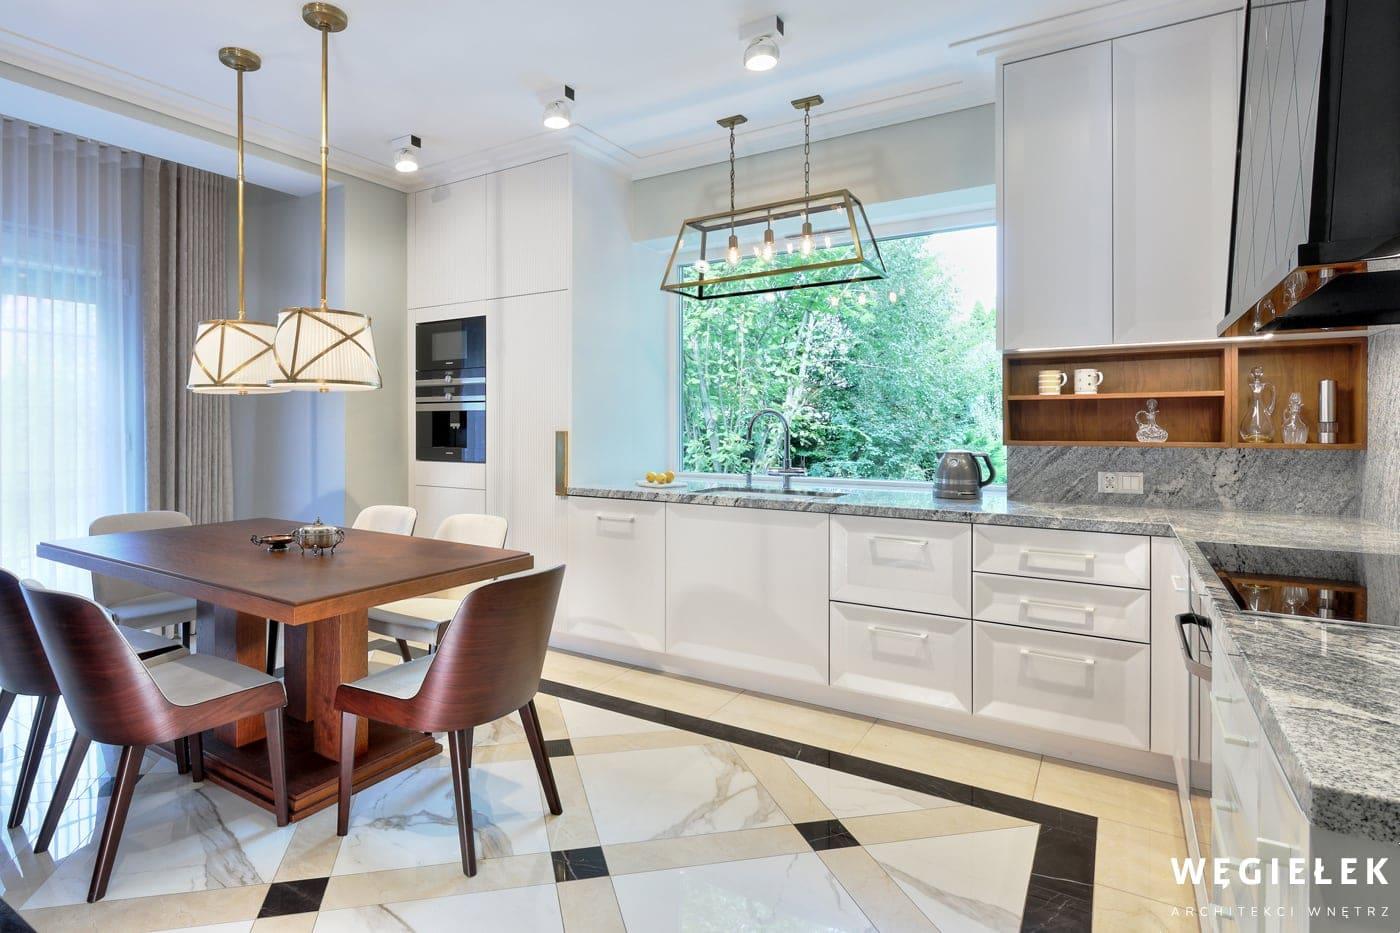 Projektant domów postawił na ciekawe rozwiązanie, połączył przeszłość z teraźniejszością, nowoczesne biele i szarości, tafle marmuru z kolorem drewna.